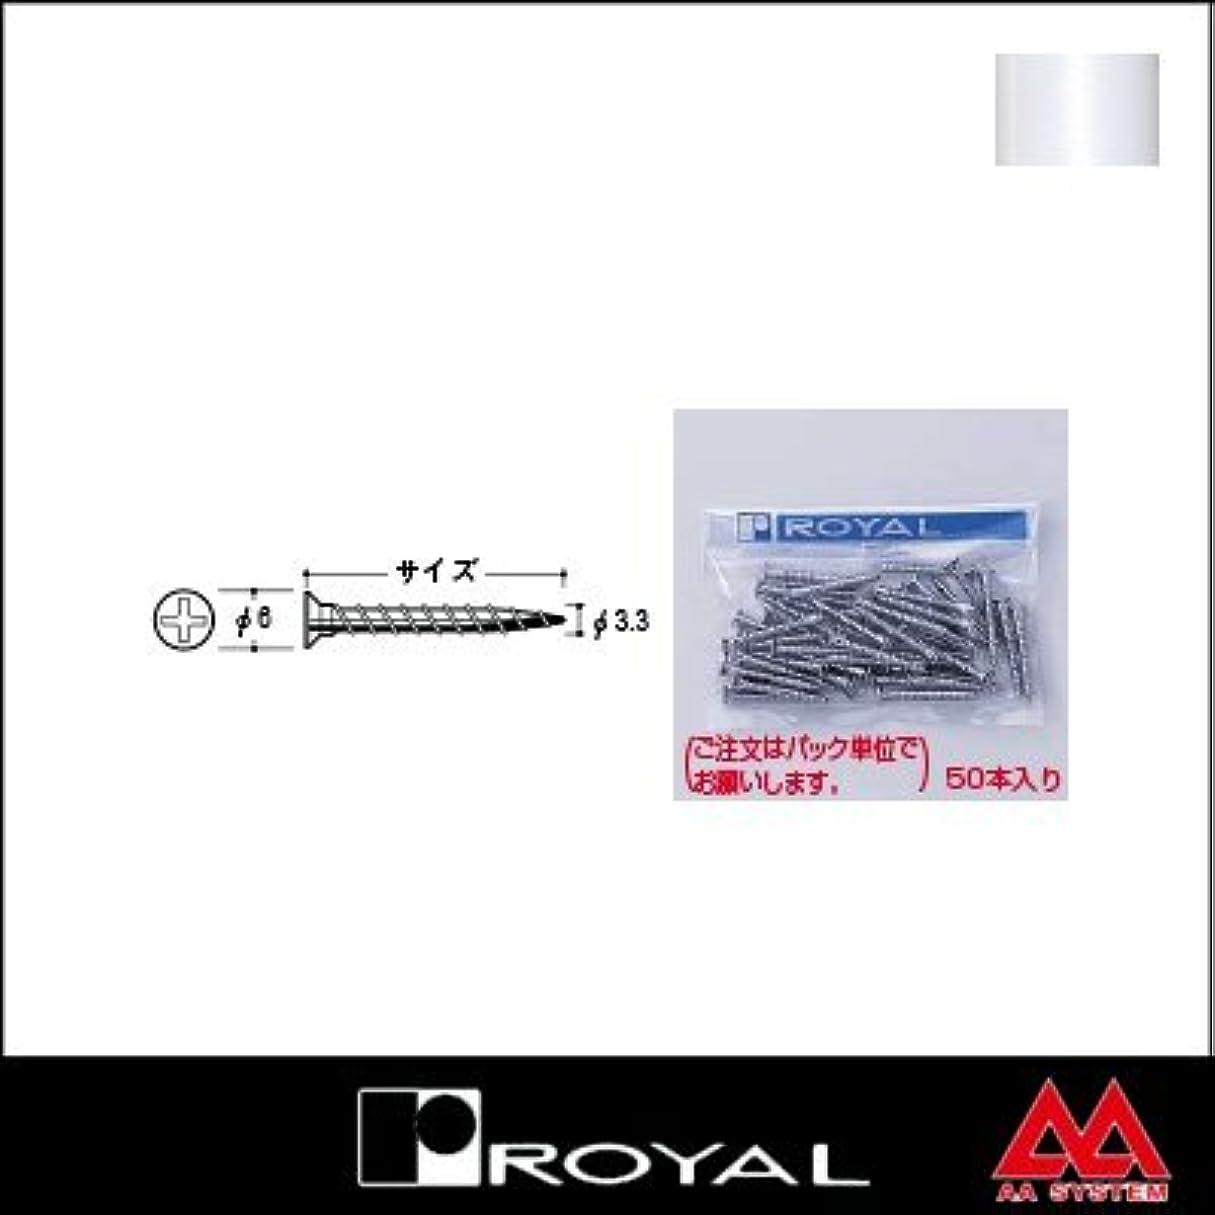 獲物上級ブラストe-kanamono ロイヤル Aタッピングビス AT-P 40mm ホワイト 50本入